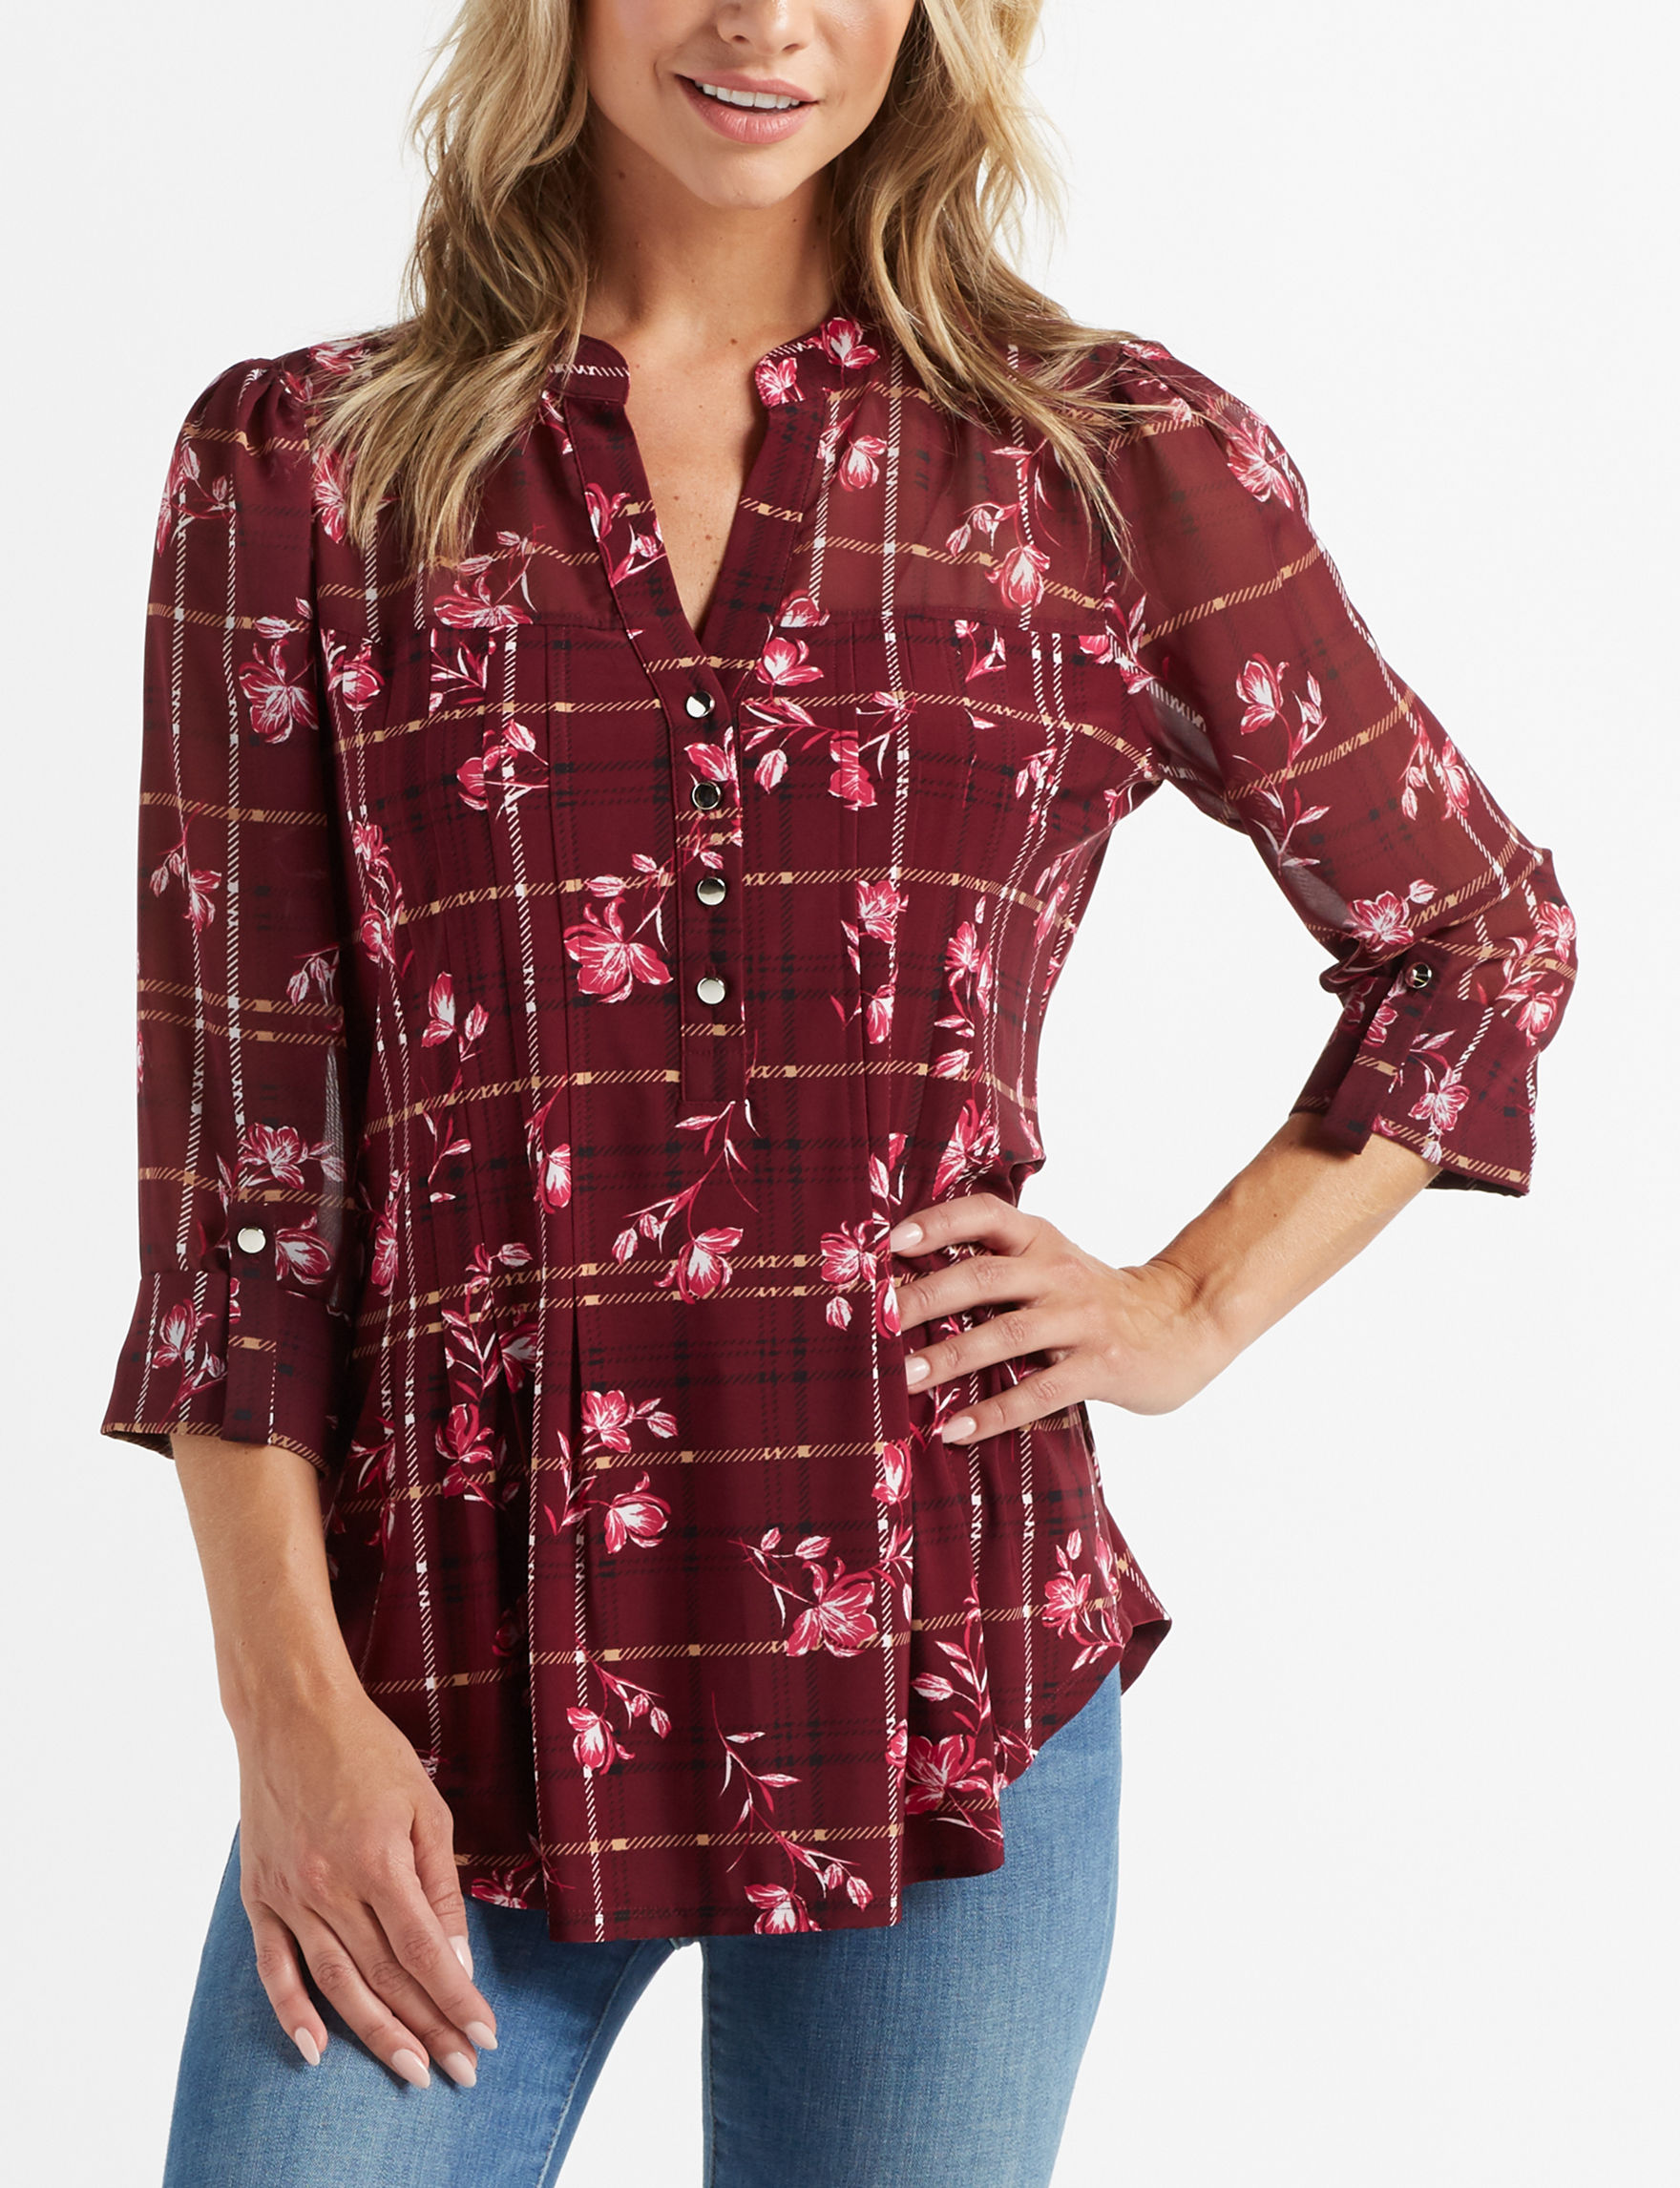 Cocomo Burgundy Shirts & Blouses